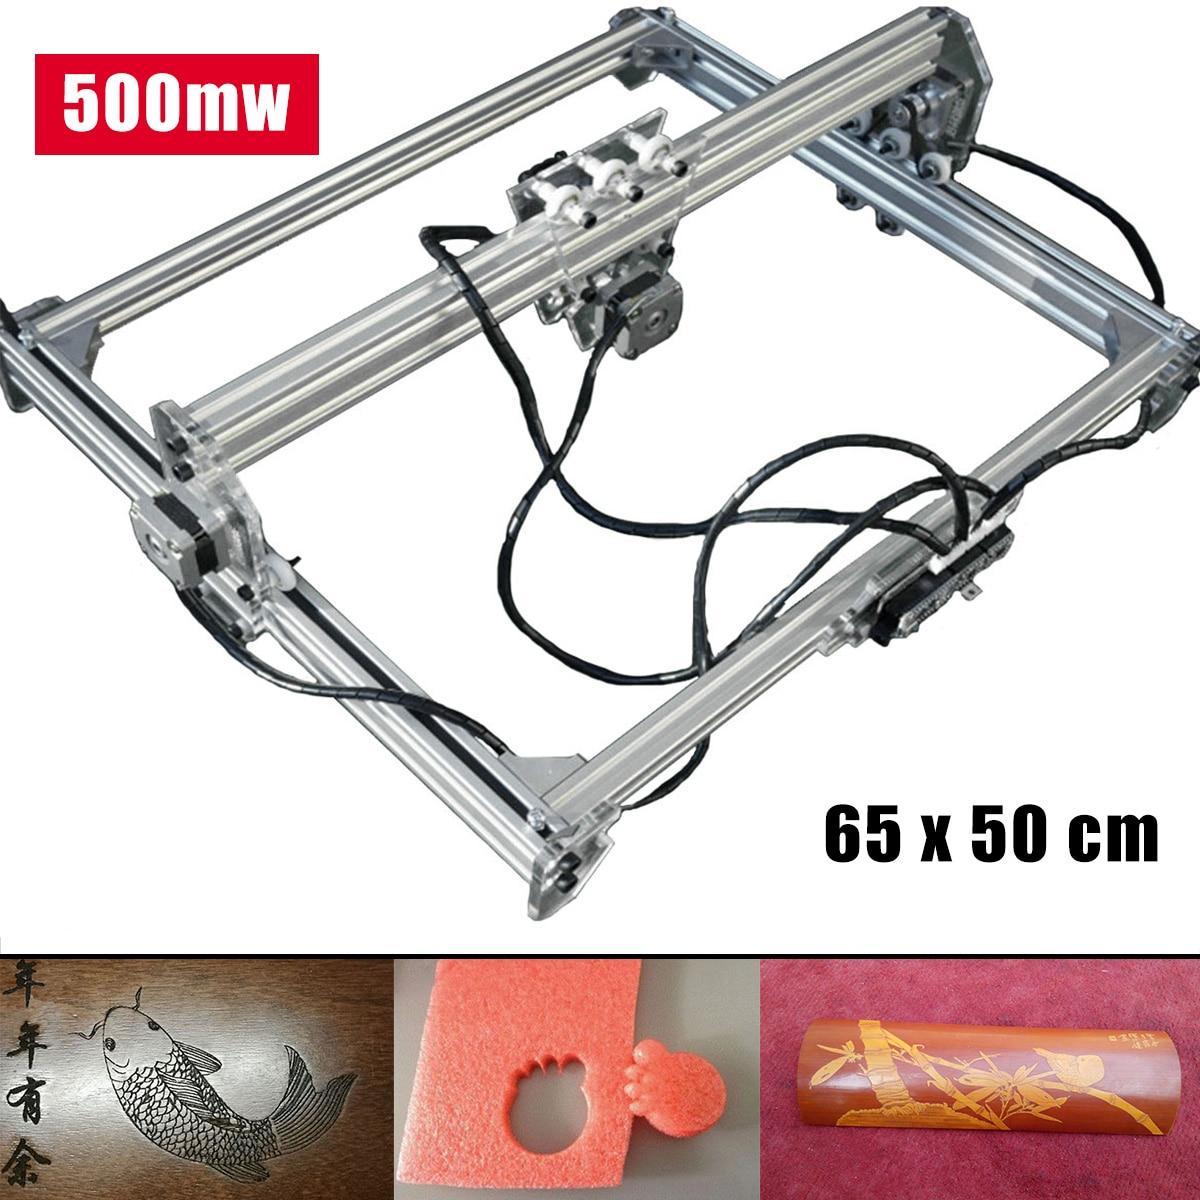 WOLIKE Laser Gravur Schneiden Maschine 65x50cm 500mw DC 12V DIY Stecher CNC 2 Achsen Holz router/Cutter/Drucker Kennzeichnung Logo